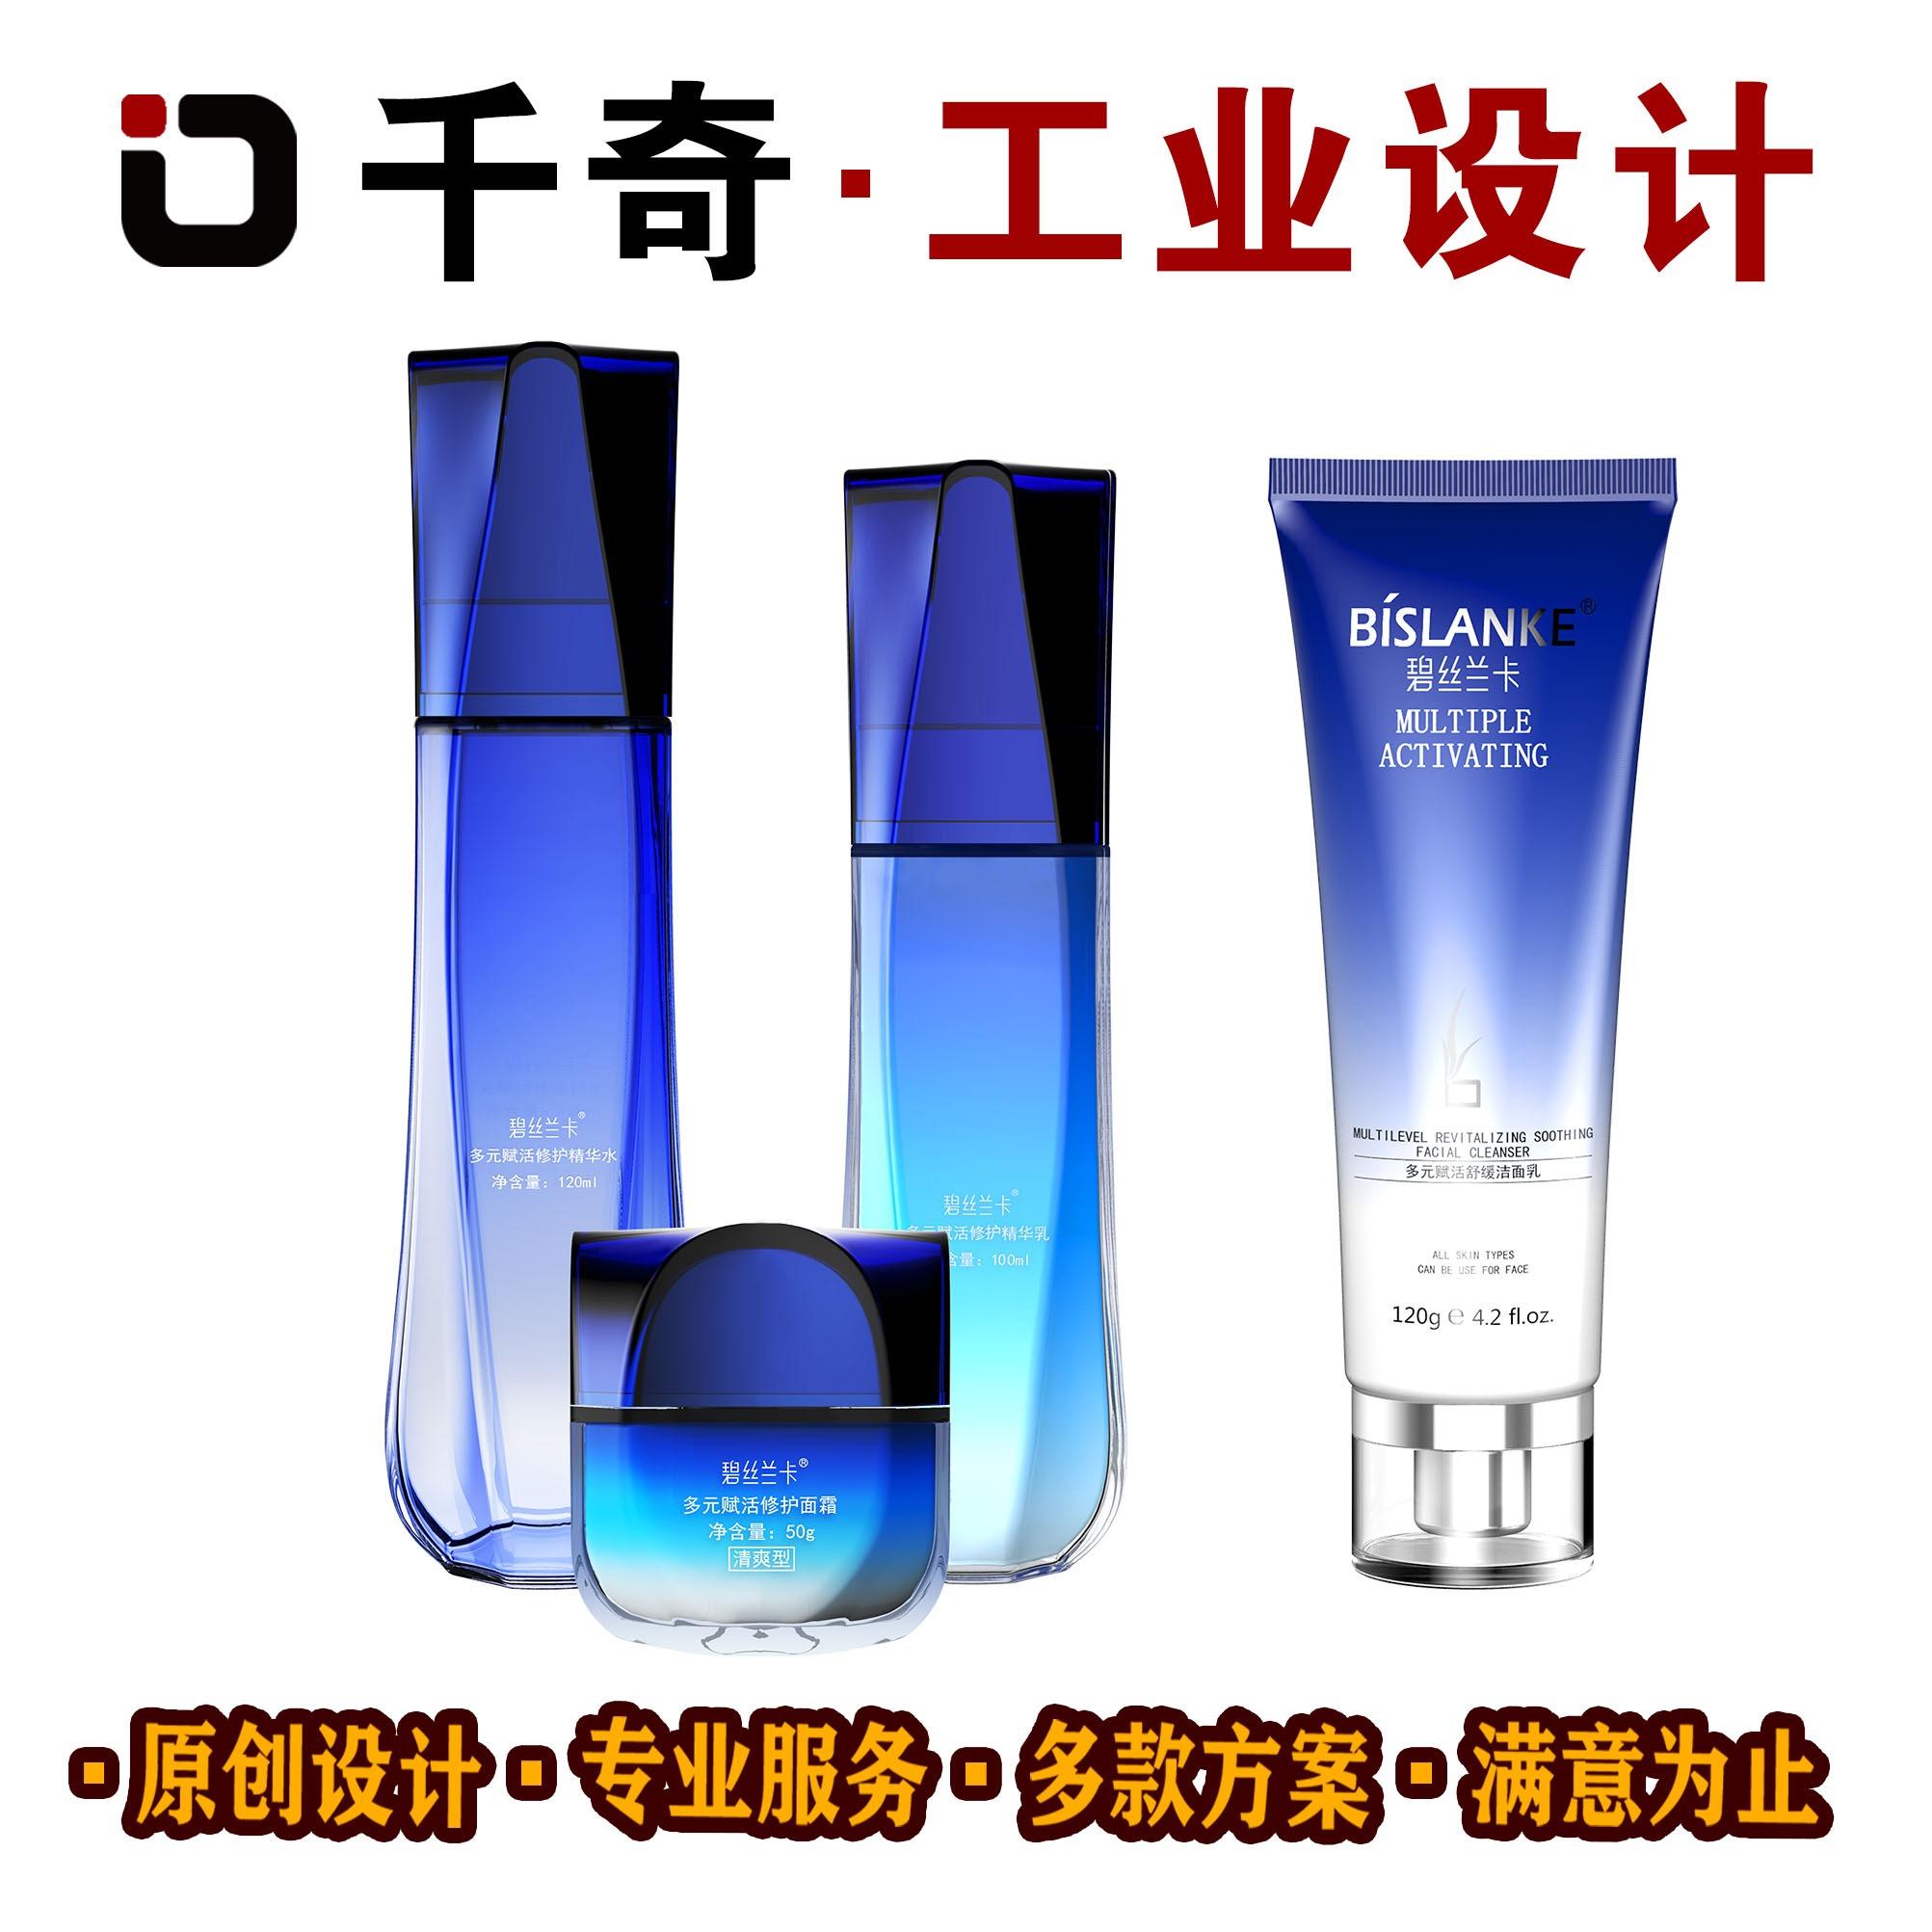 【千奇设计】产品设计产品外观设计外形设计化妆品渲染建模效果图